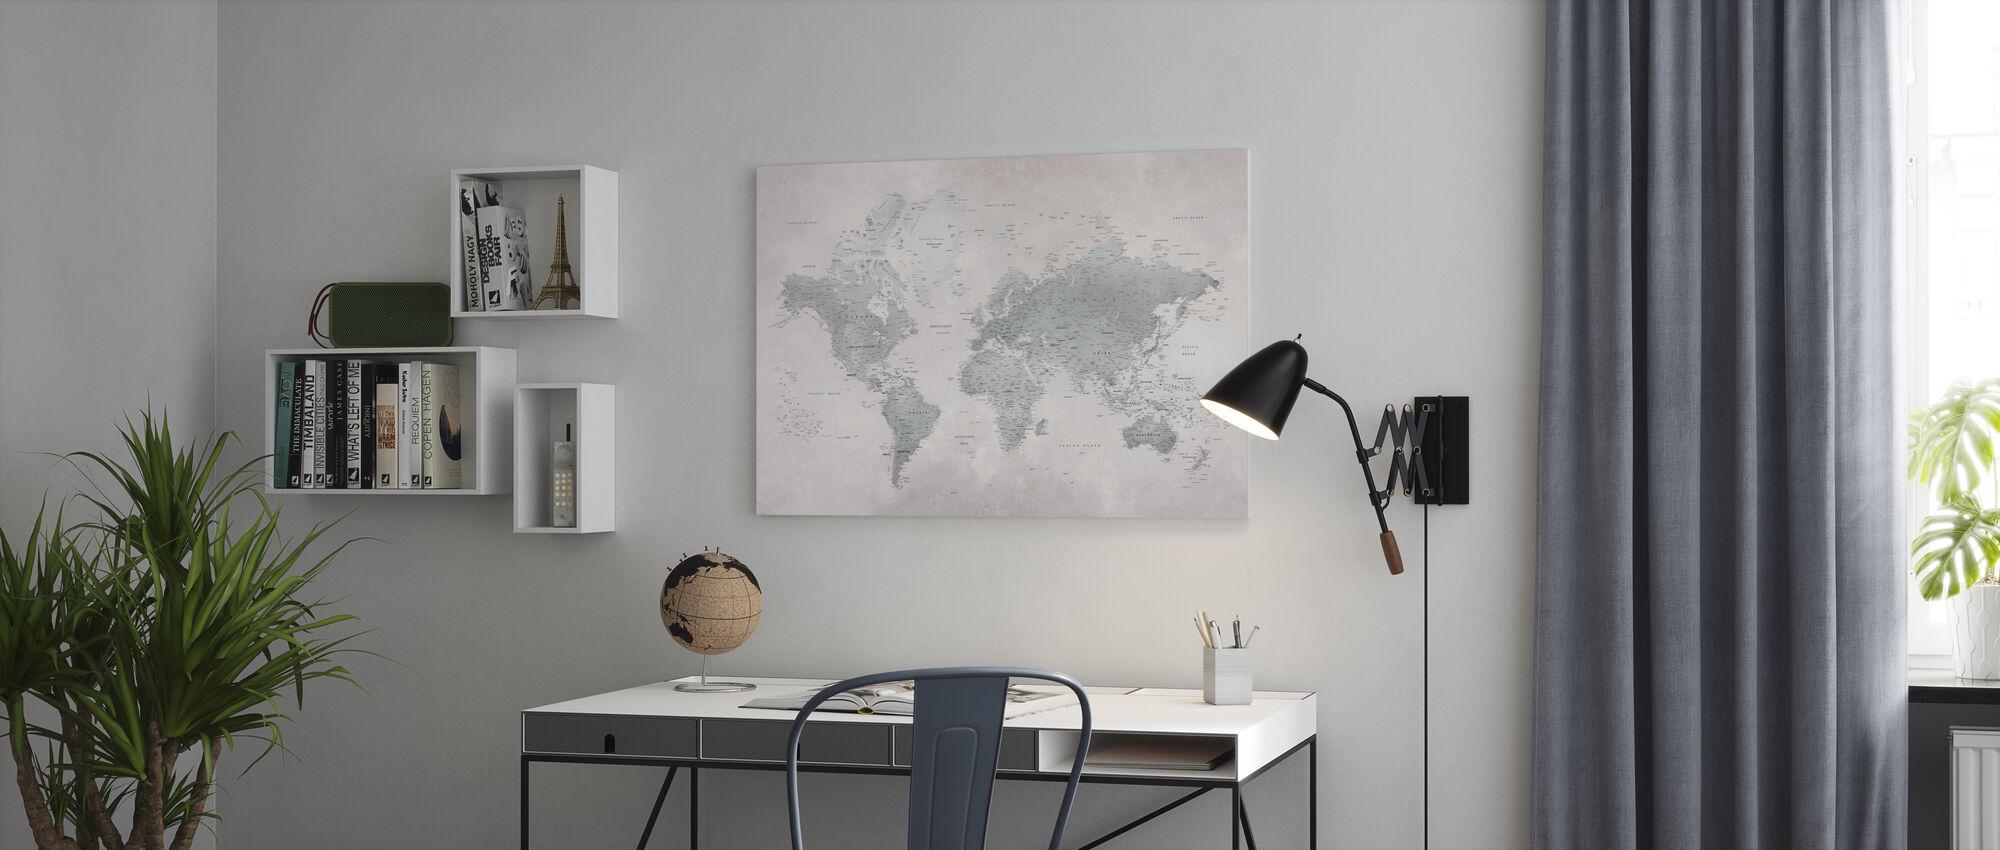 Maailmankartta - Ash-Green - Canvastaulu - Toimisto